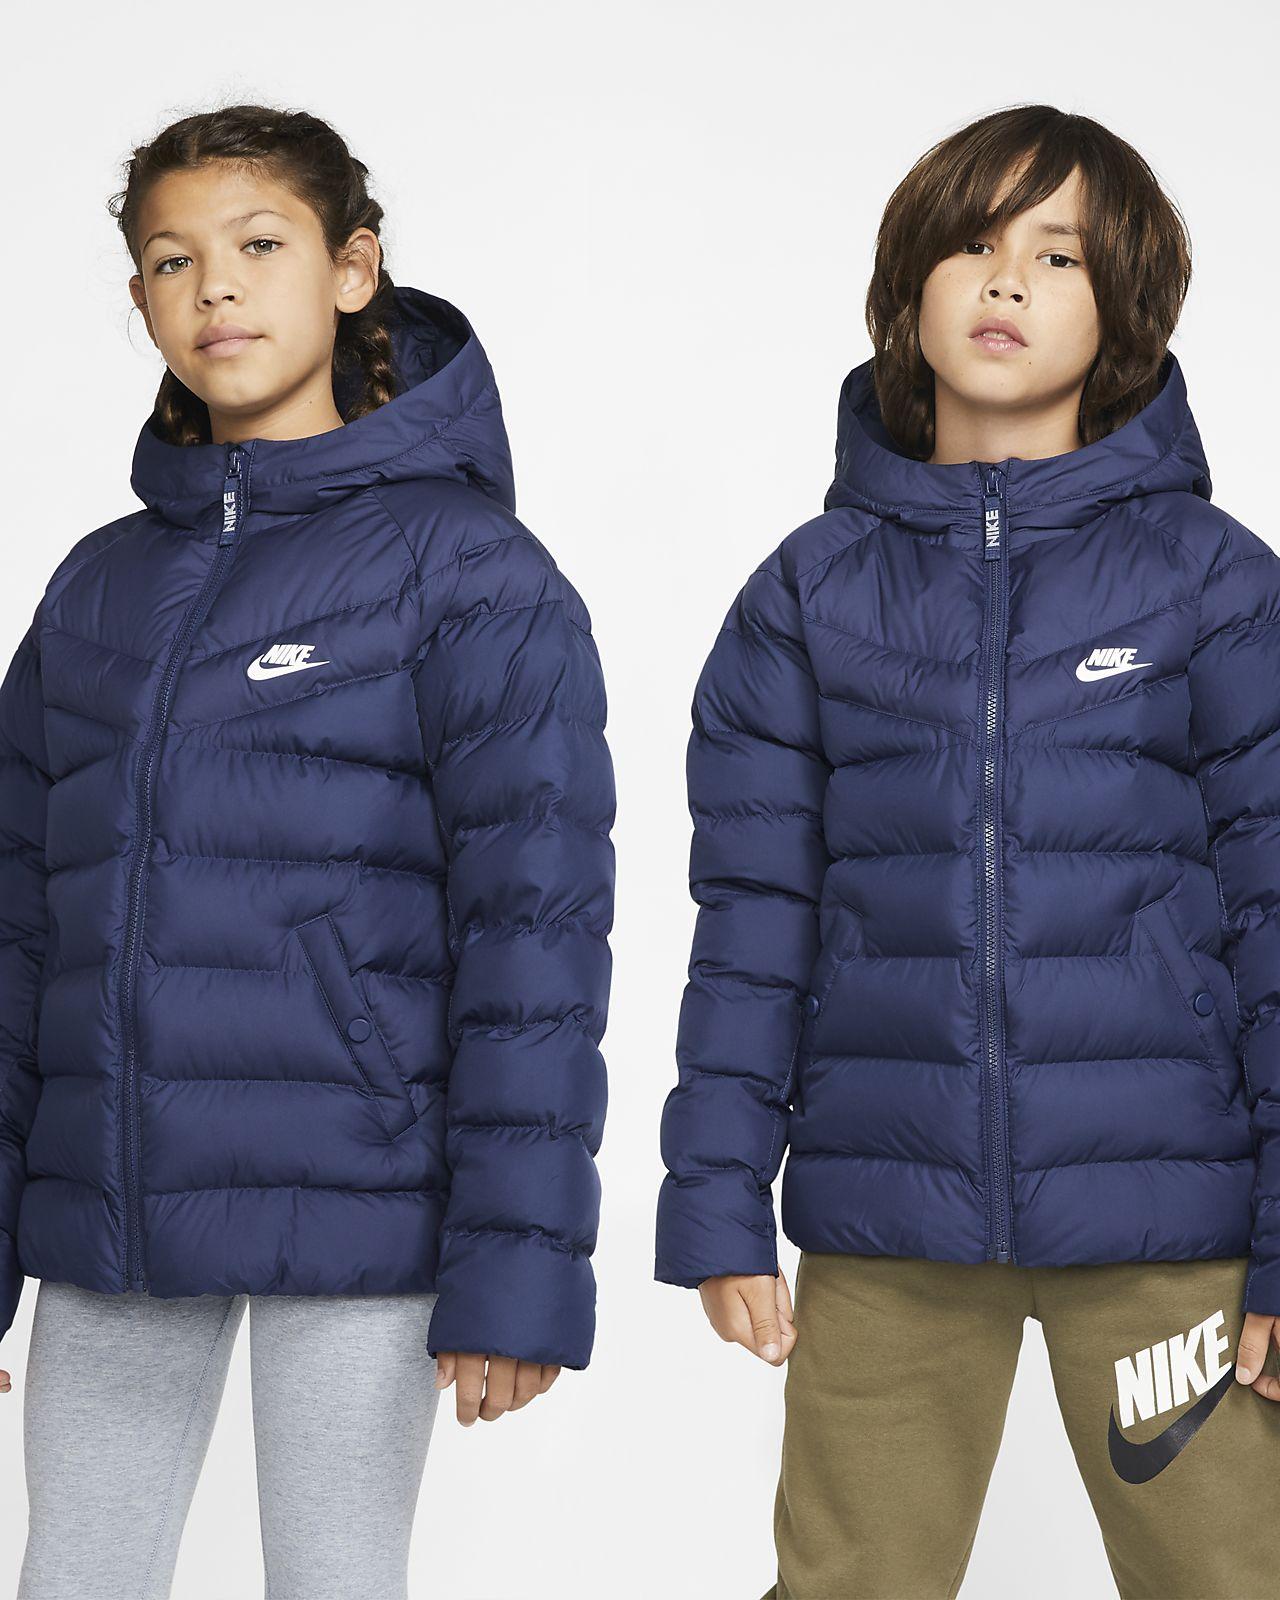 Τζάκετ με συνθετικό γέμισμα Nike Sportswear για μεγάλα παιδιά